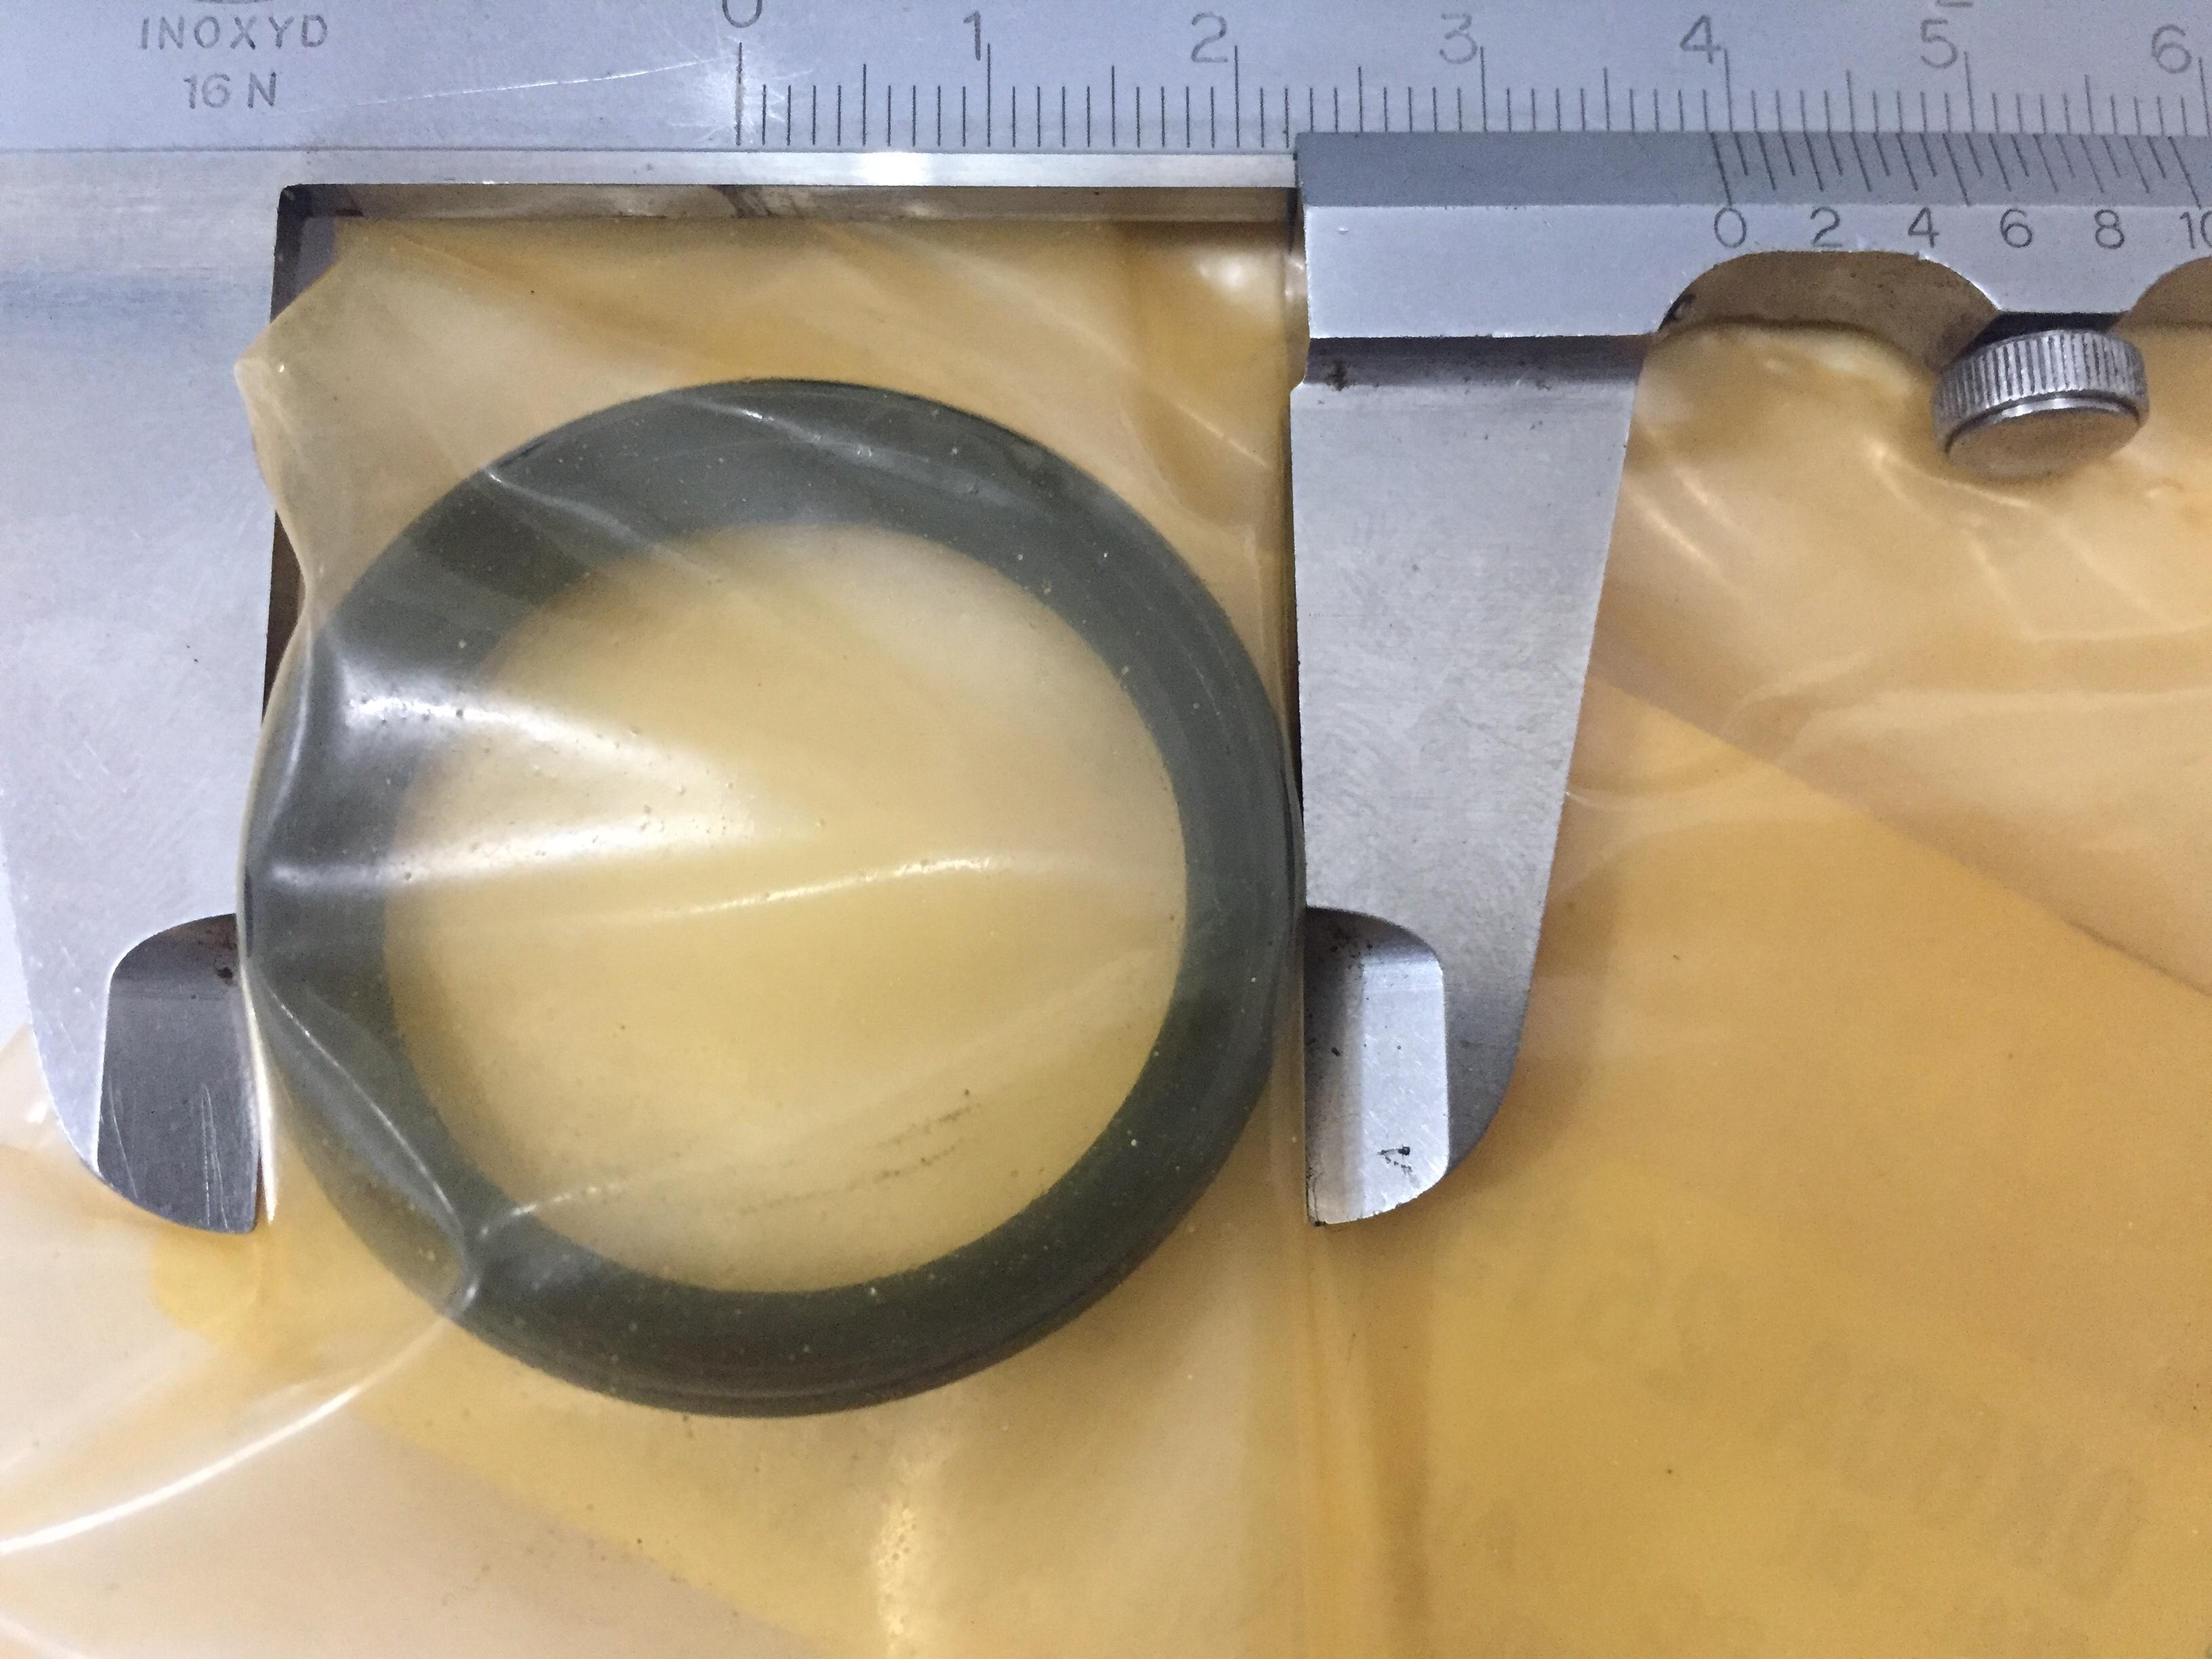 RETENTOR DA RODA TRASEIRA ( MENOR MEDIDA EXTERNA 39 mm ) KIA BONGO K2700 CODIGO  0K60A26157